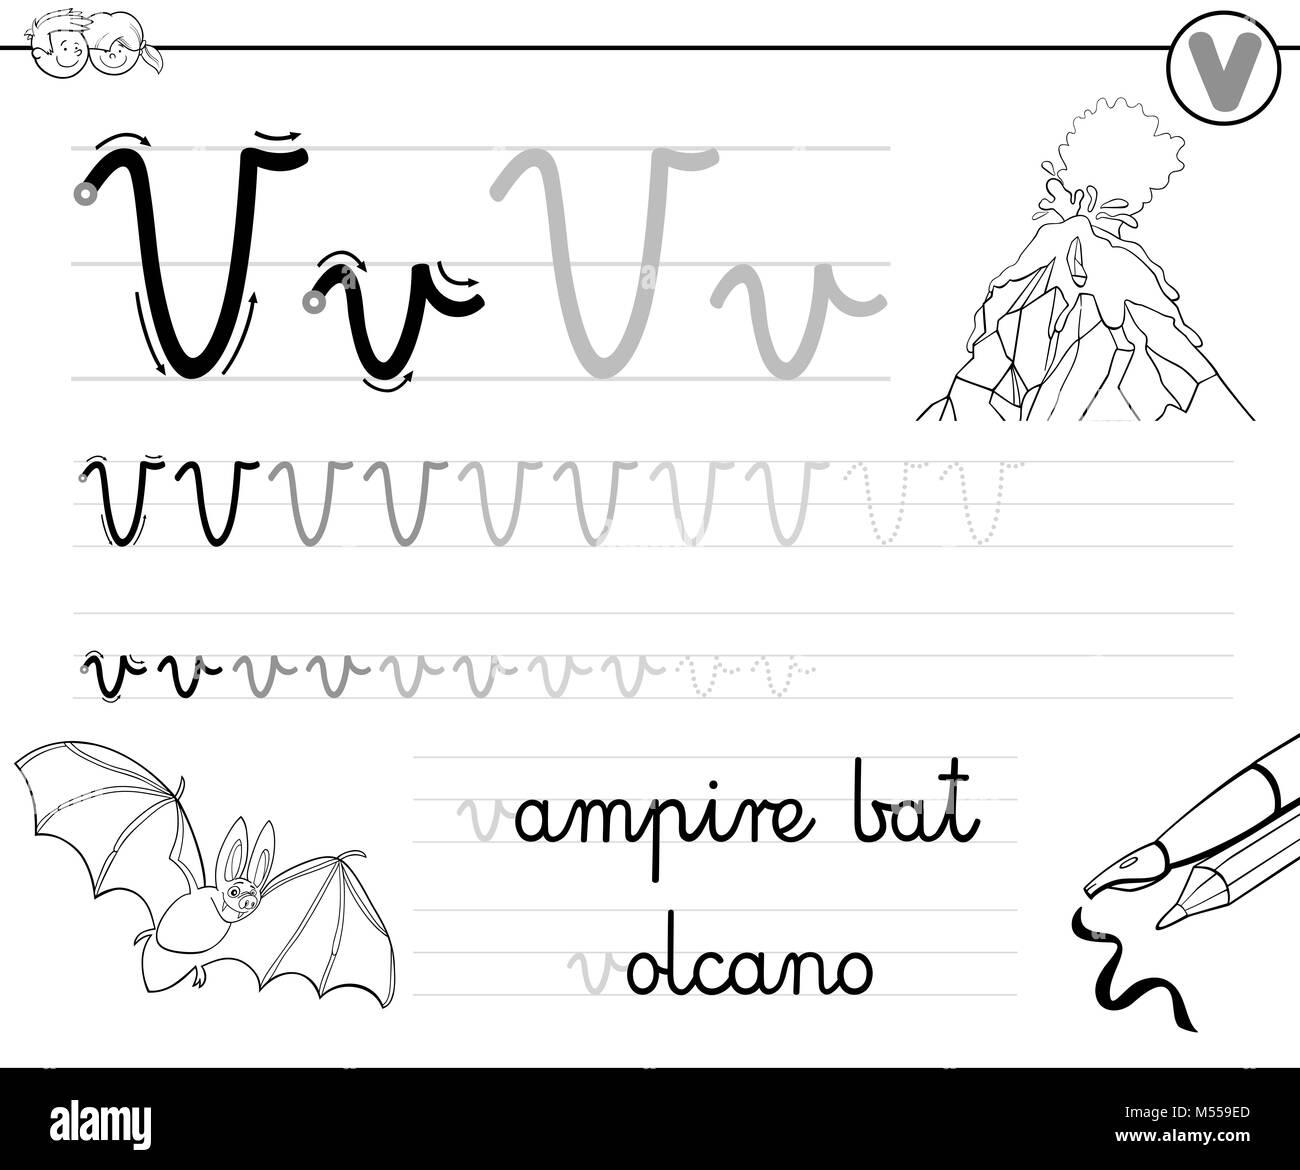 Aprender A Escribir La Letra V Libro Para Ninos Foto Amp Imagen De Stock